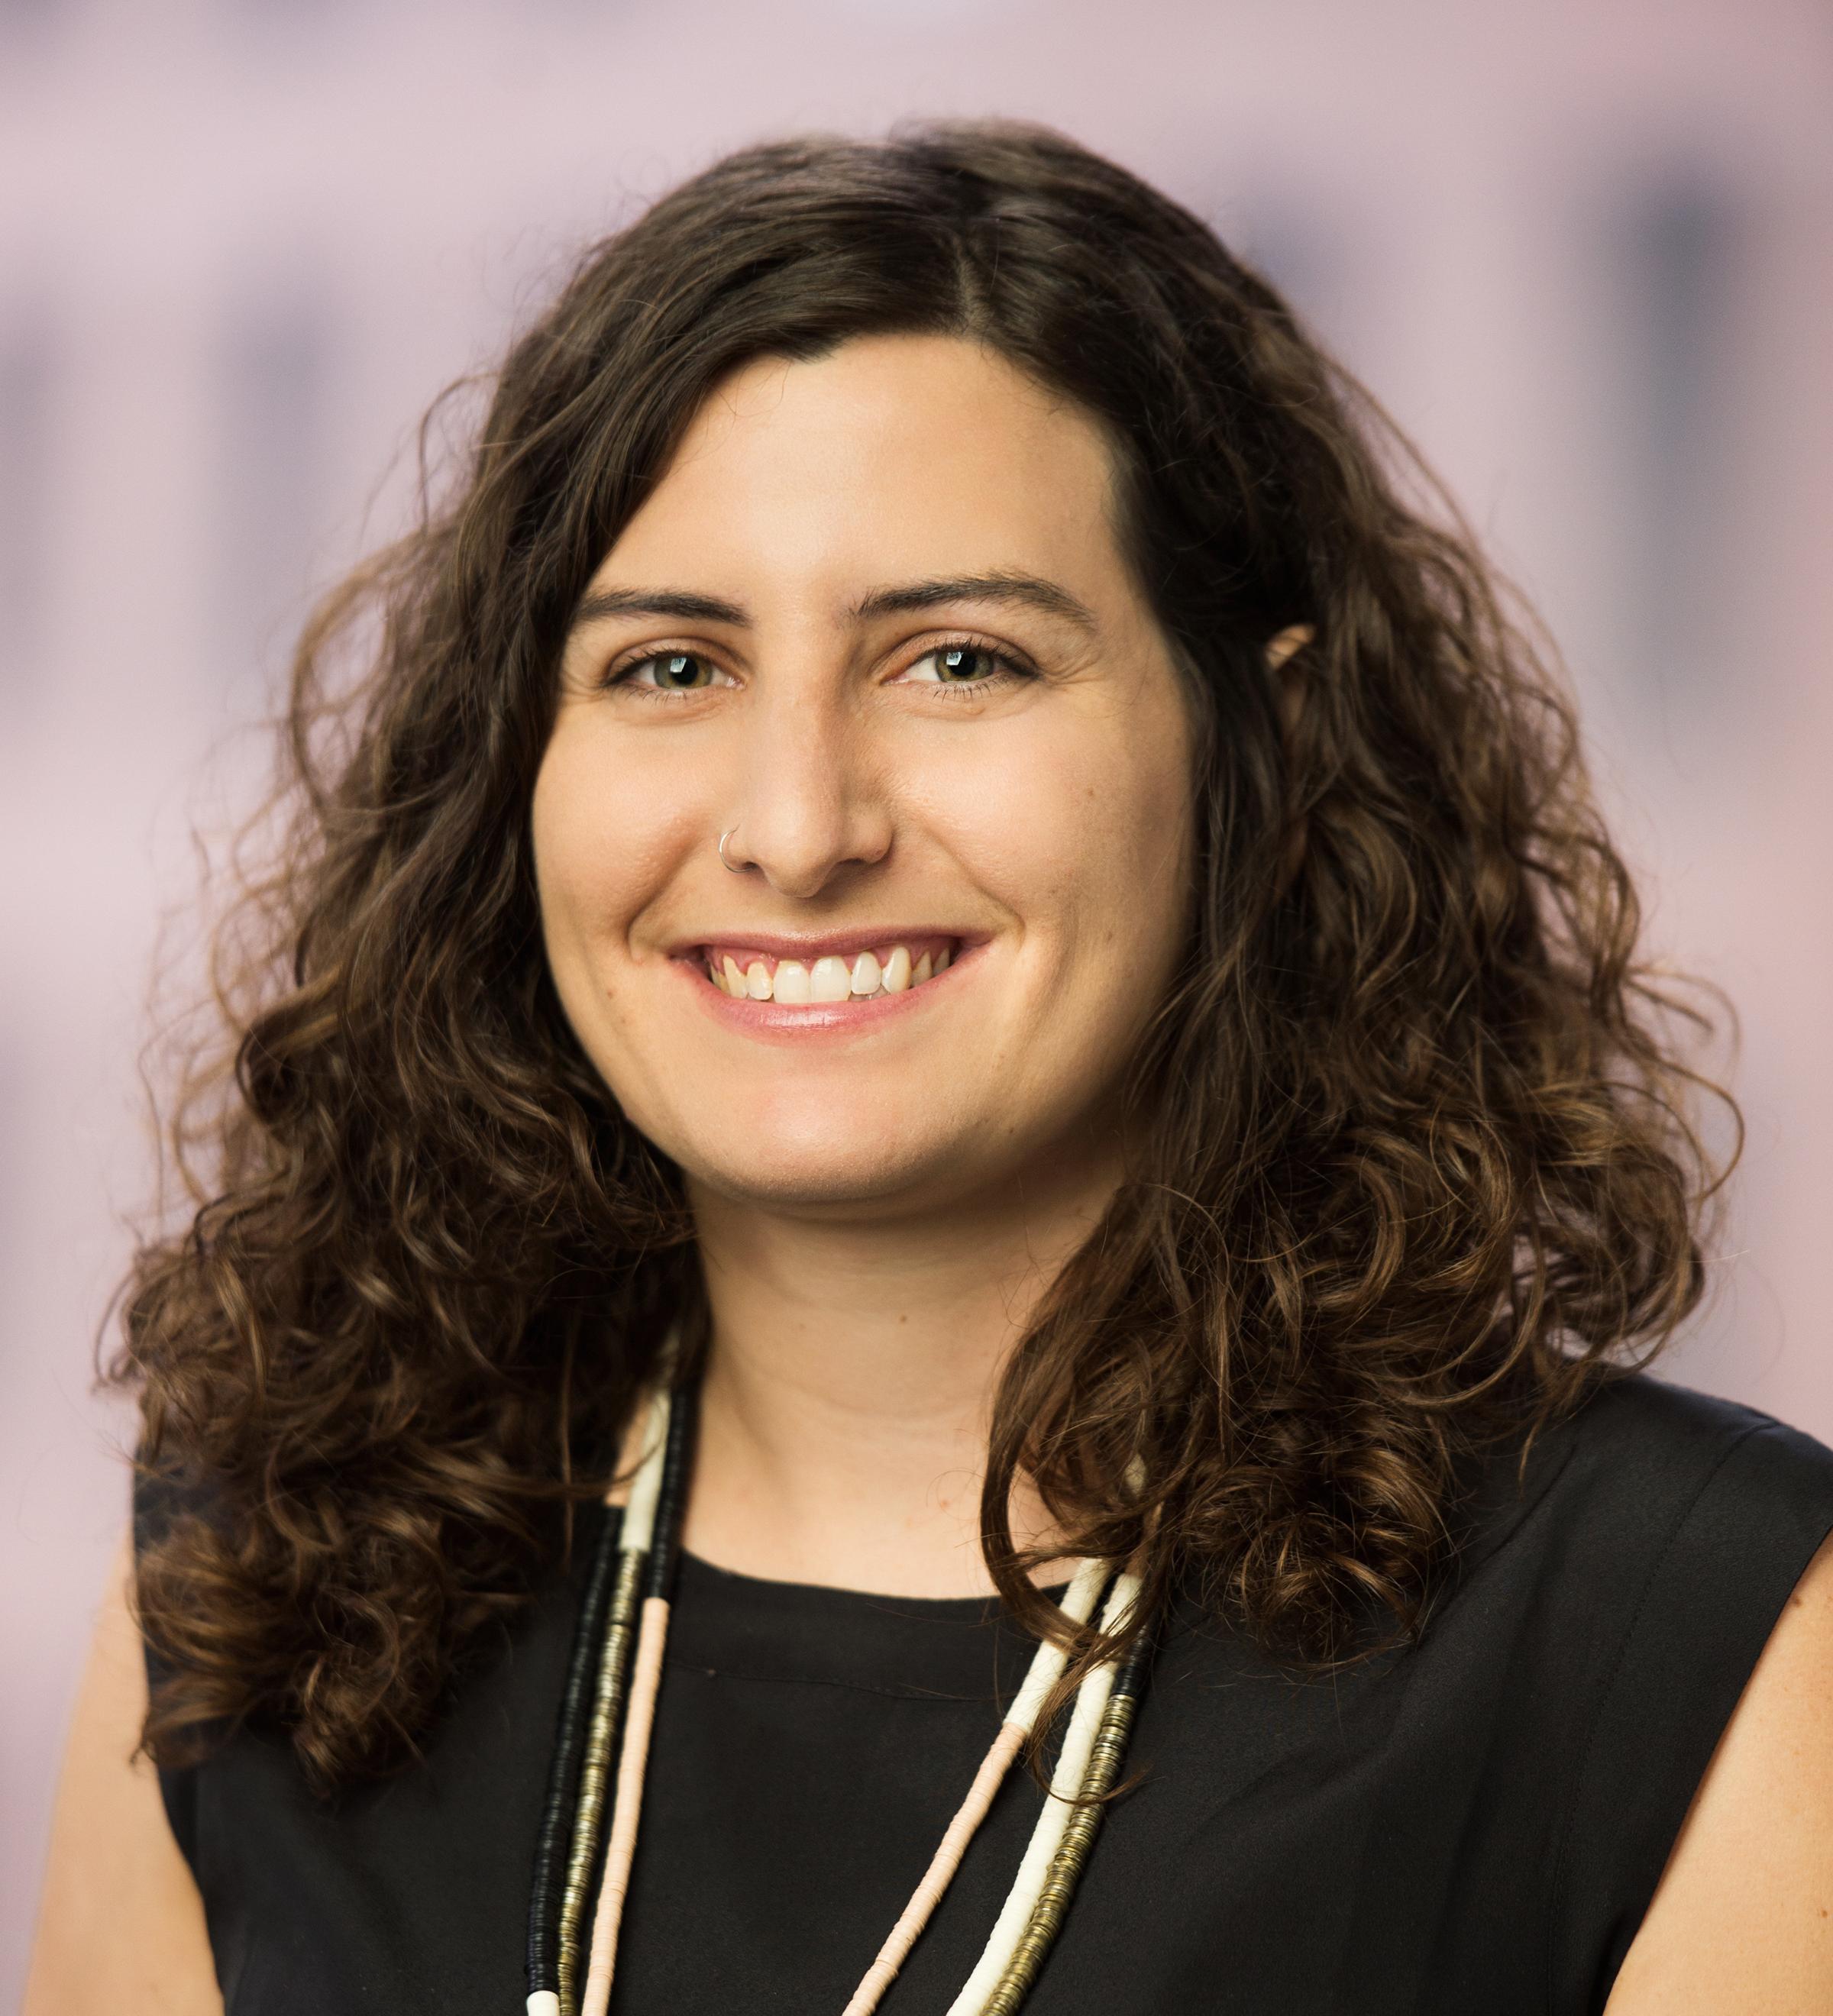 Sara McTarnaghan